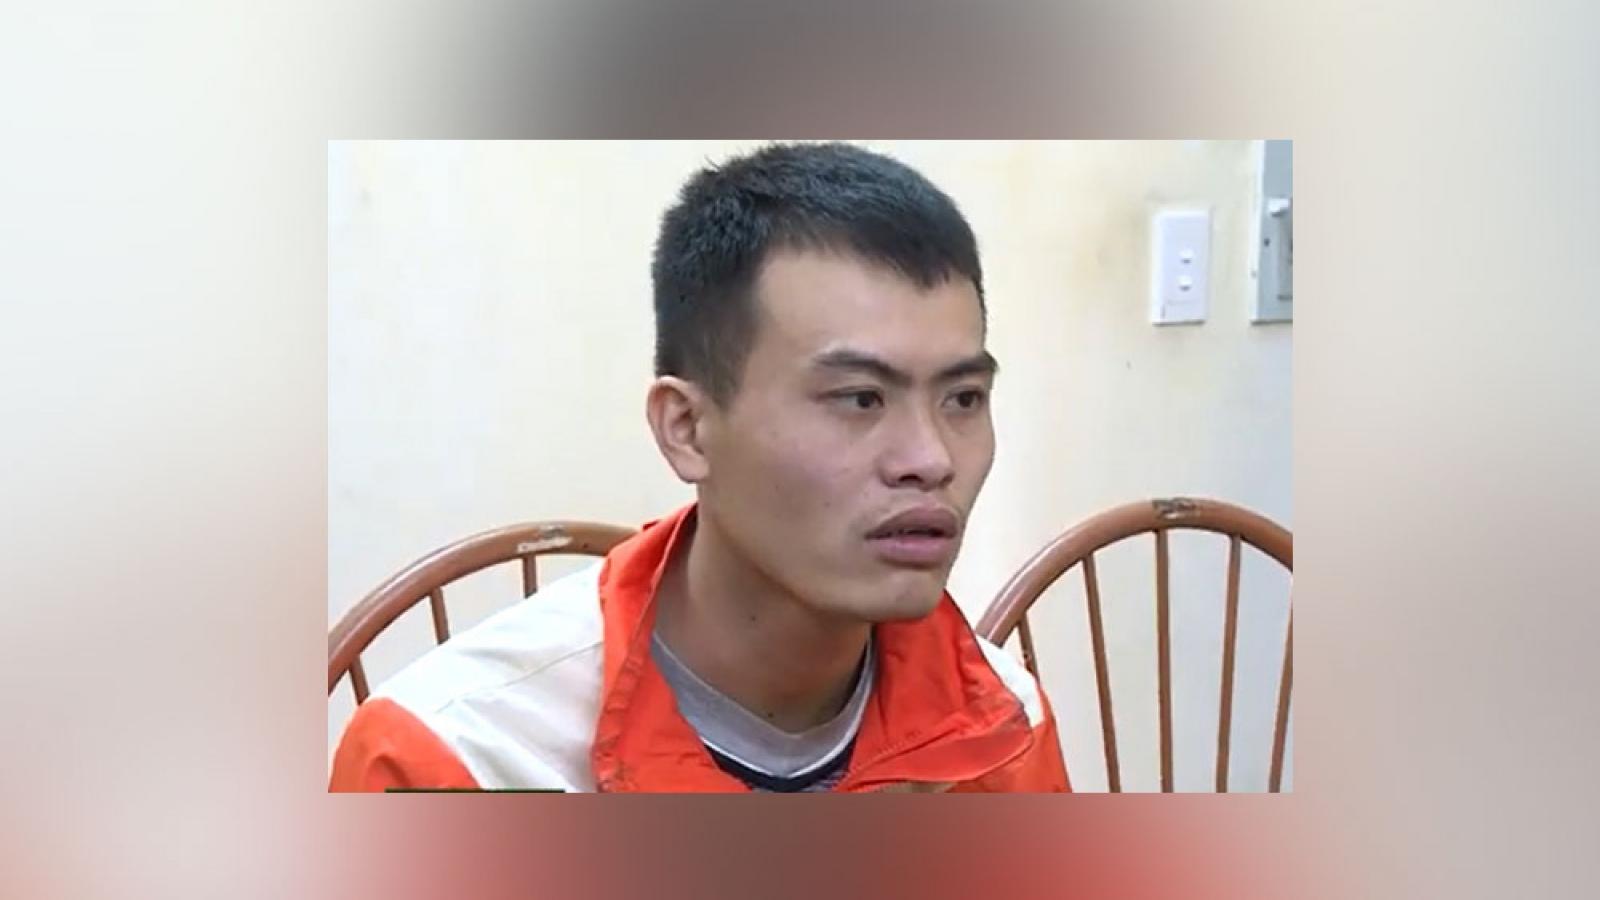 Khởi tố, bắt giam tên trộm chém bảo vệ cửa hàng Thế giới di động ở Bắc Ninh